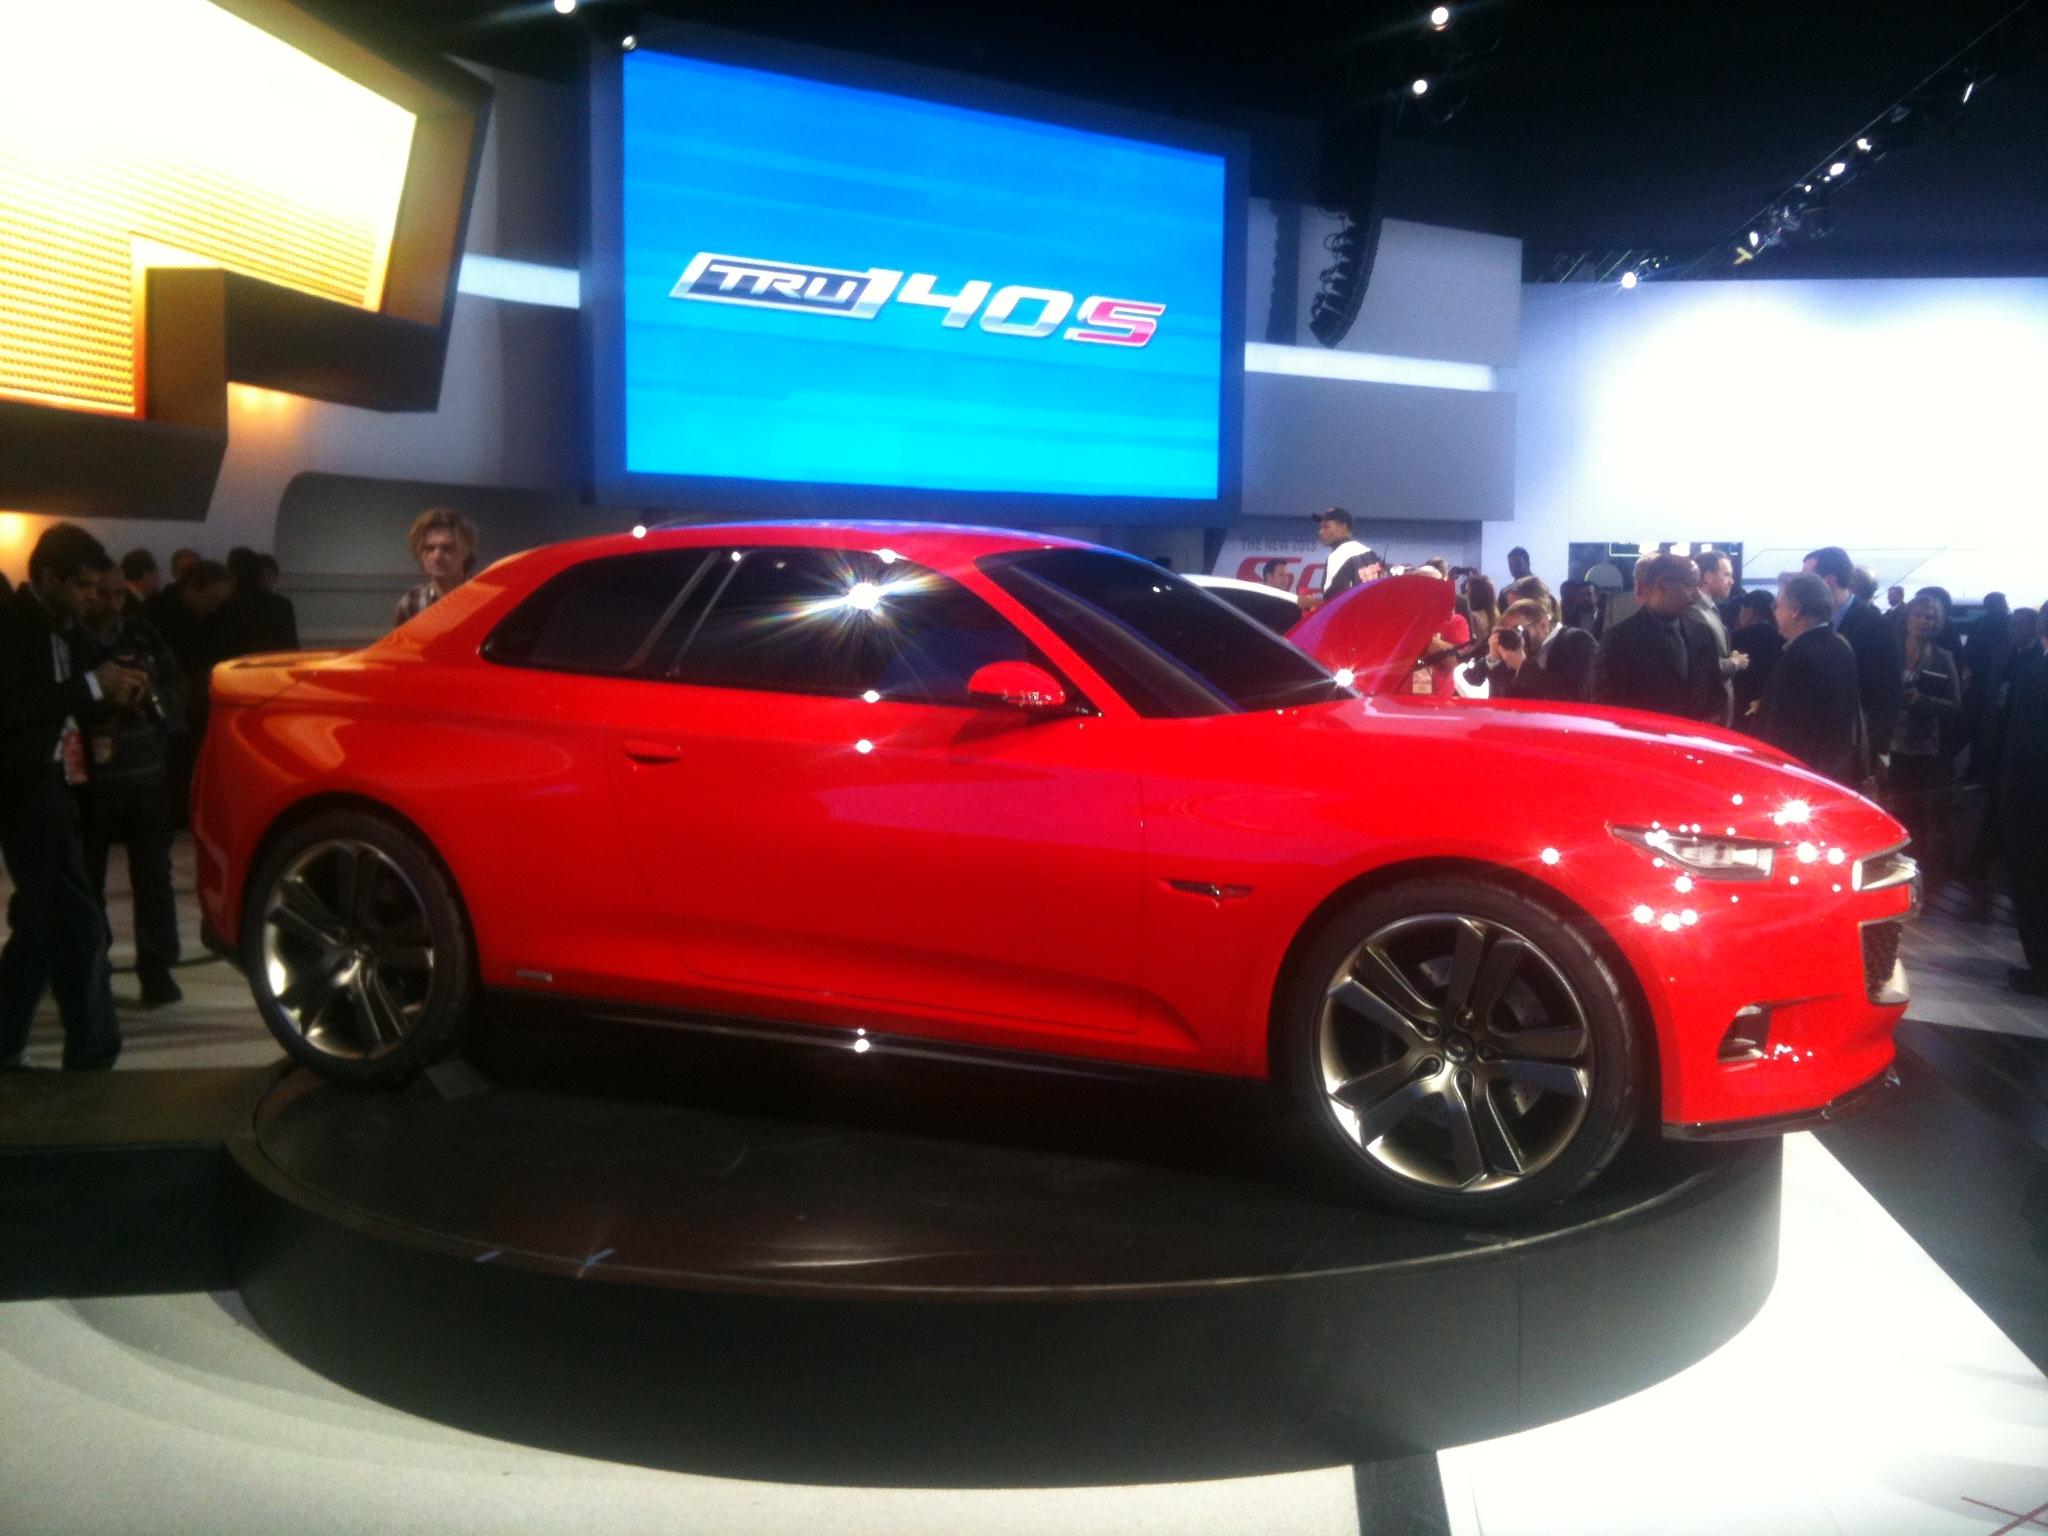 Chevrolet Code 130R concept, 2012 Detroit Auto Show